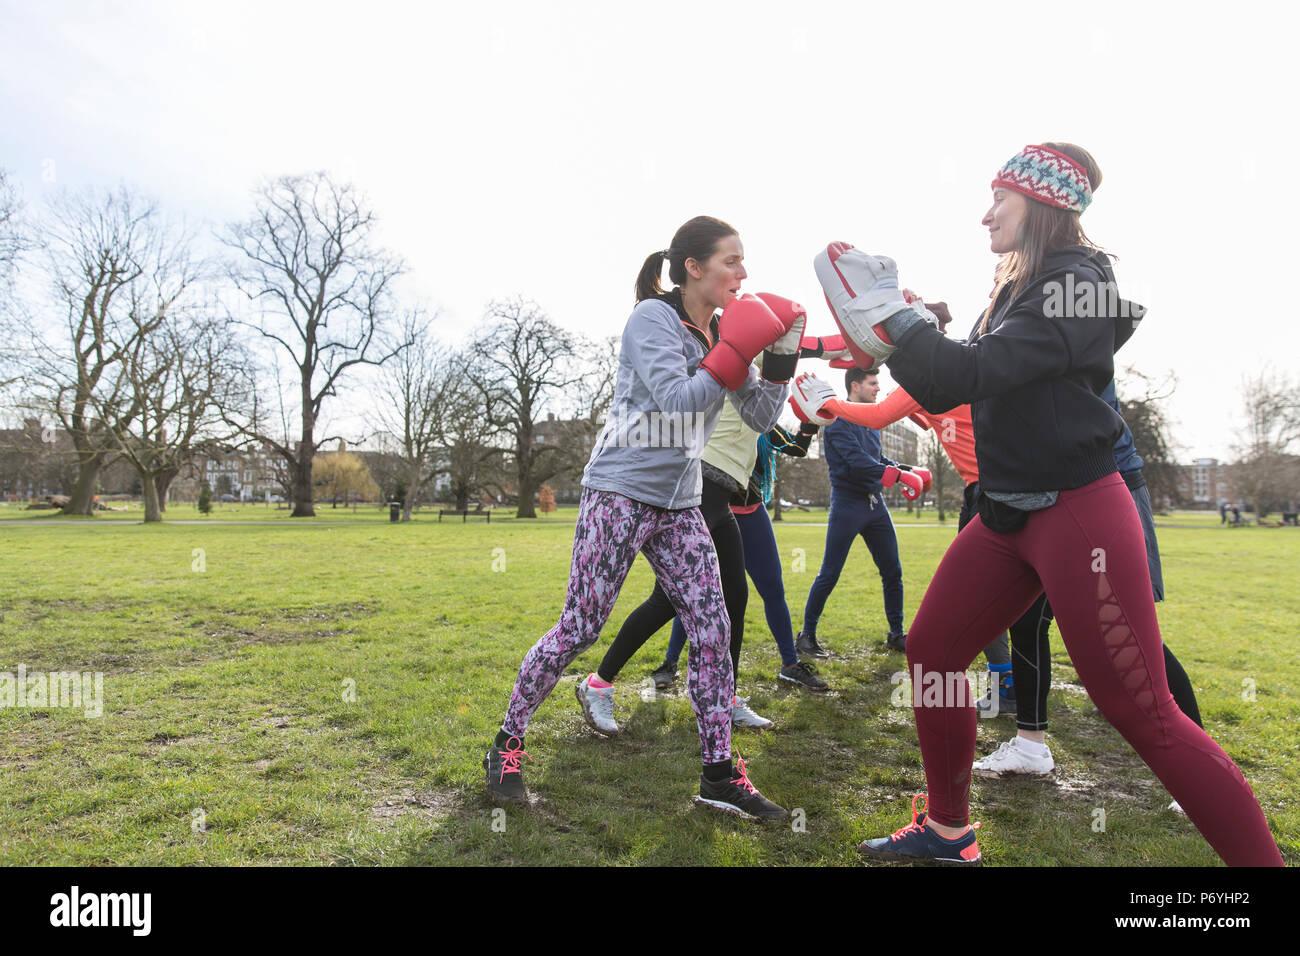 Frauen Boxen in Park Stockfoto